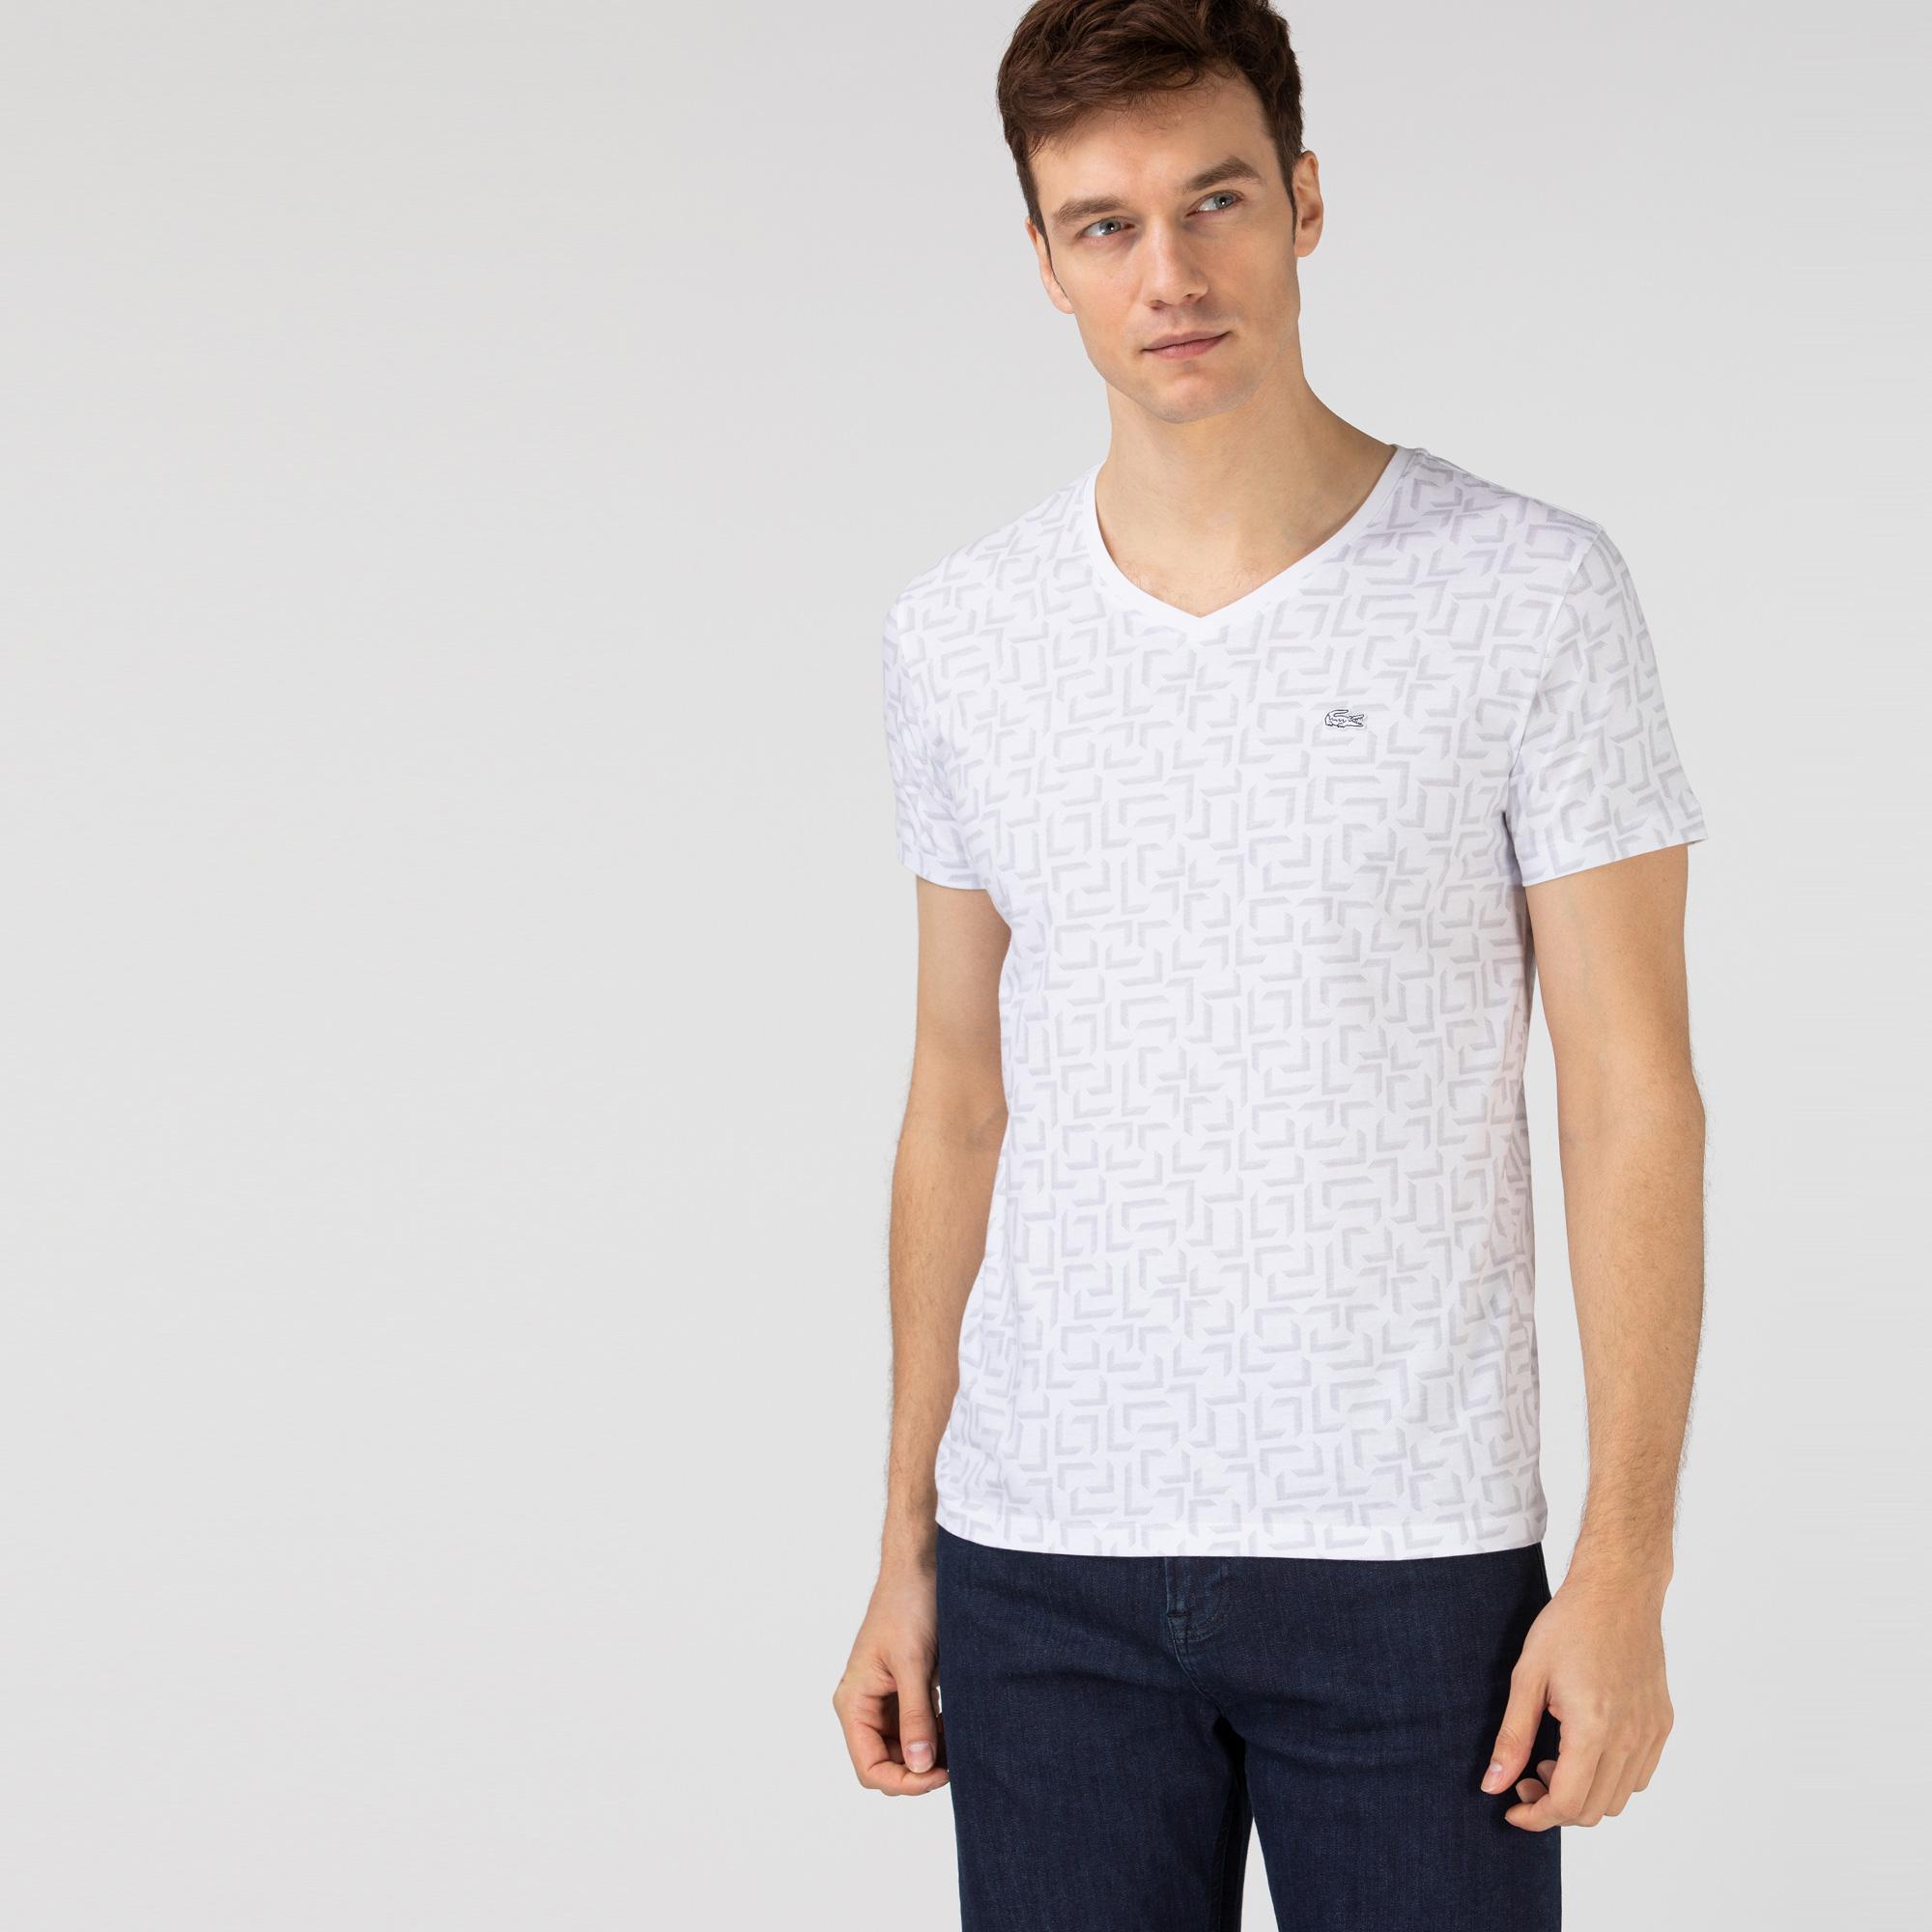 Lacoste Erkek Slim Fit V Yaka Desenli Beyaz T-Shirt